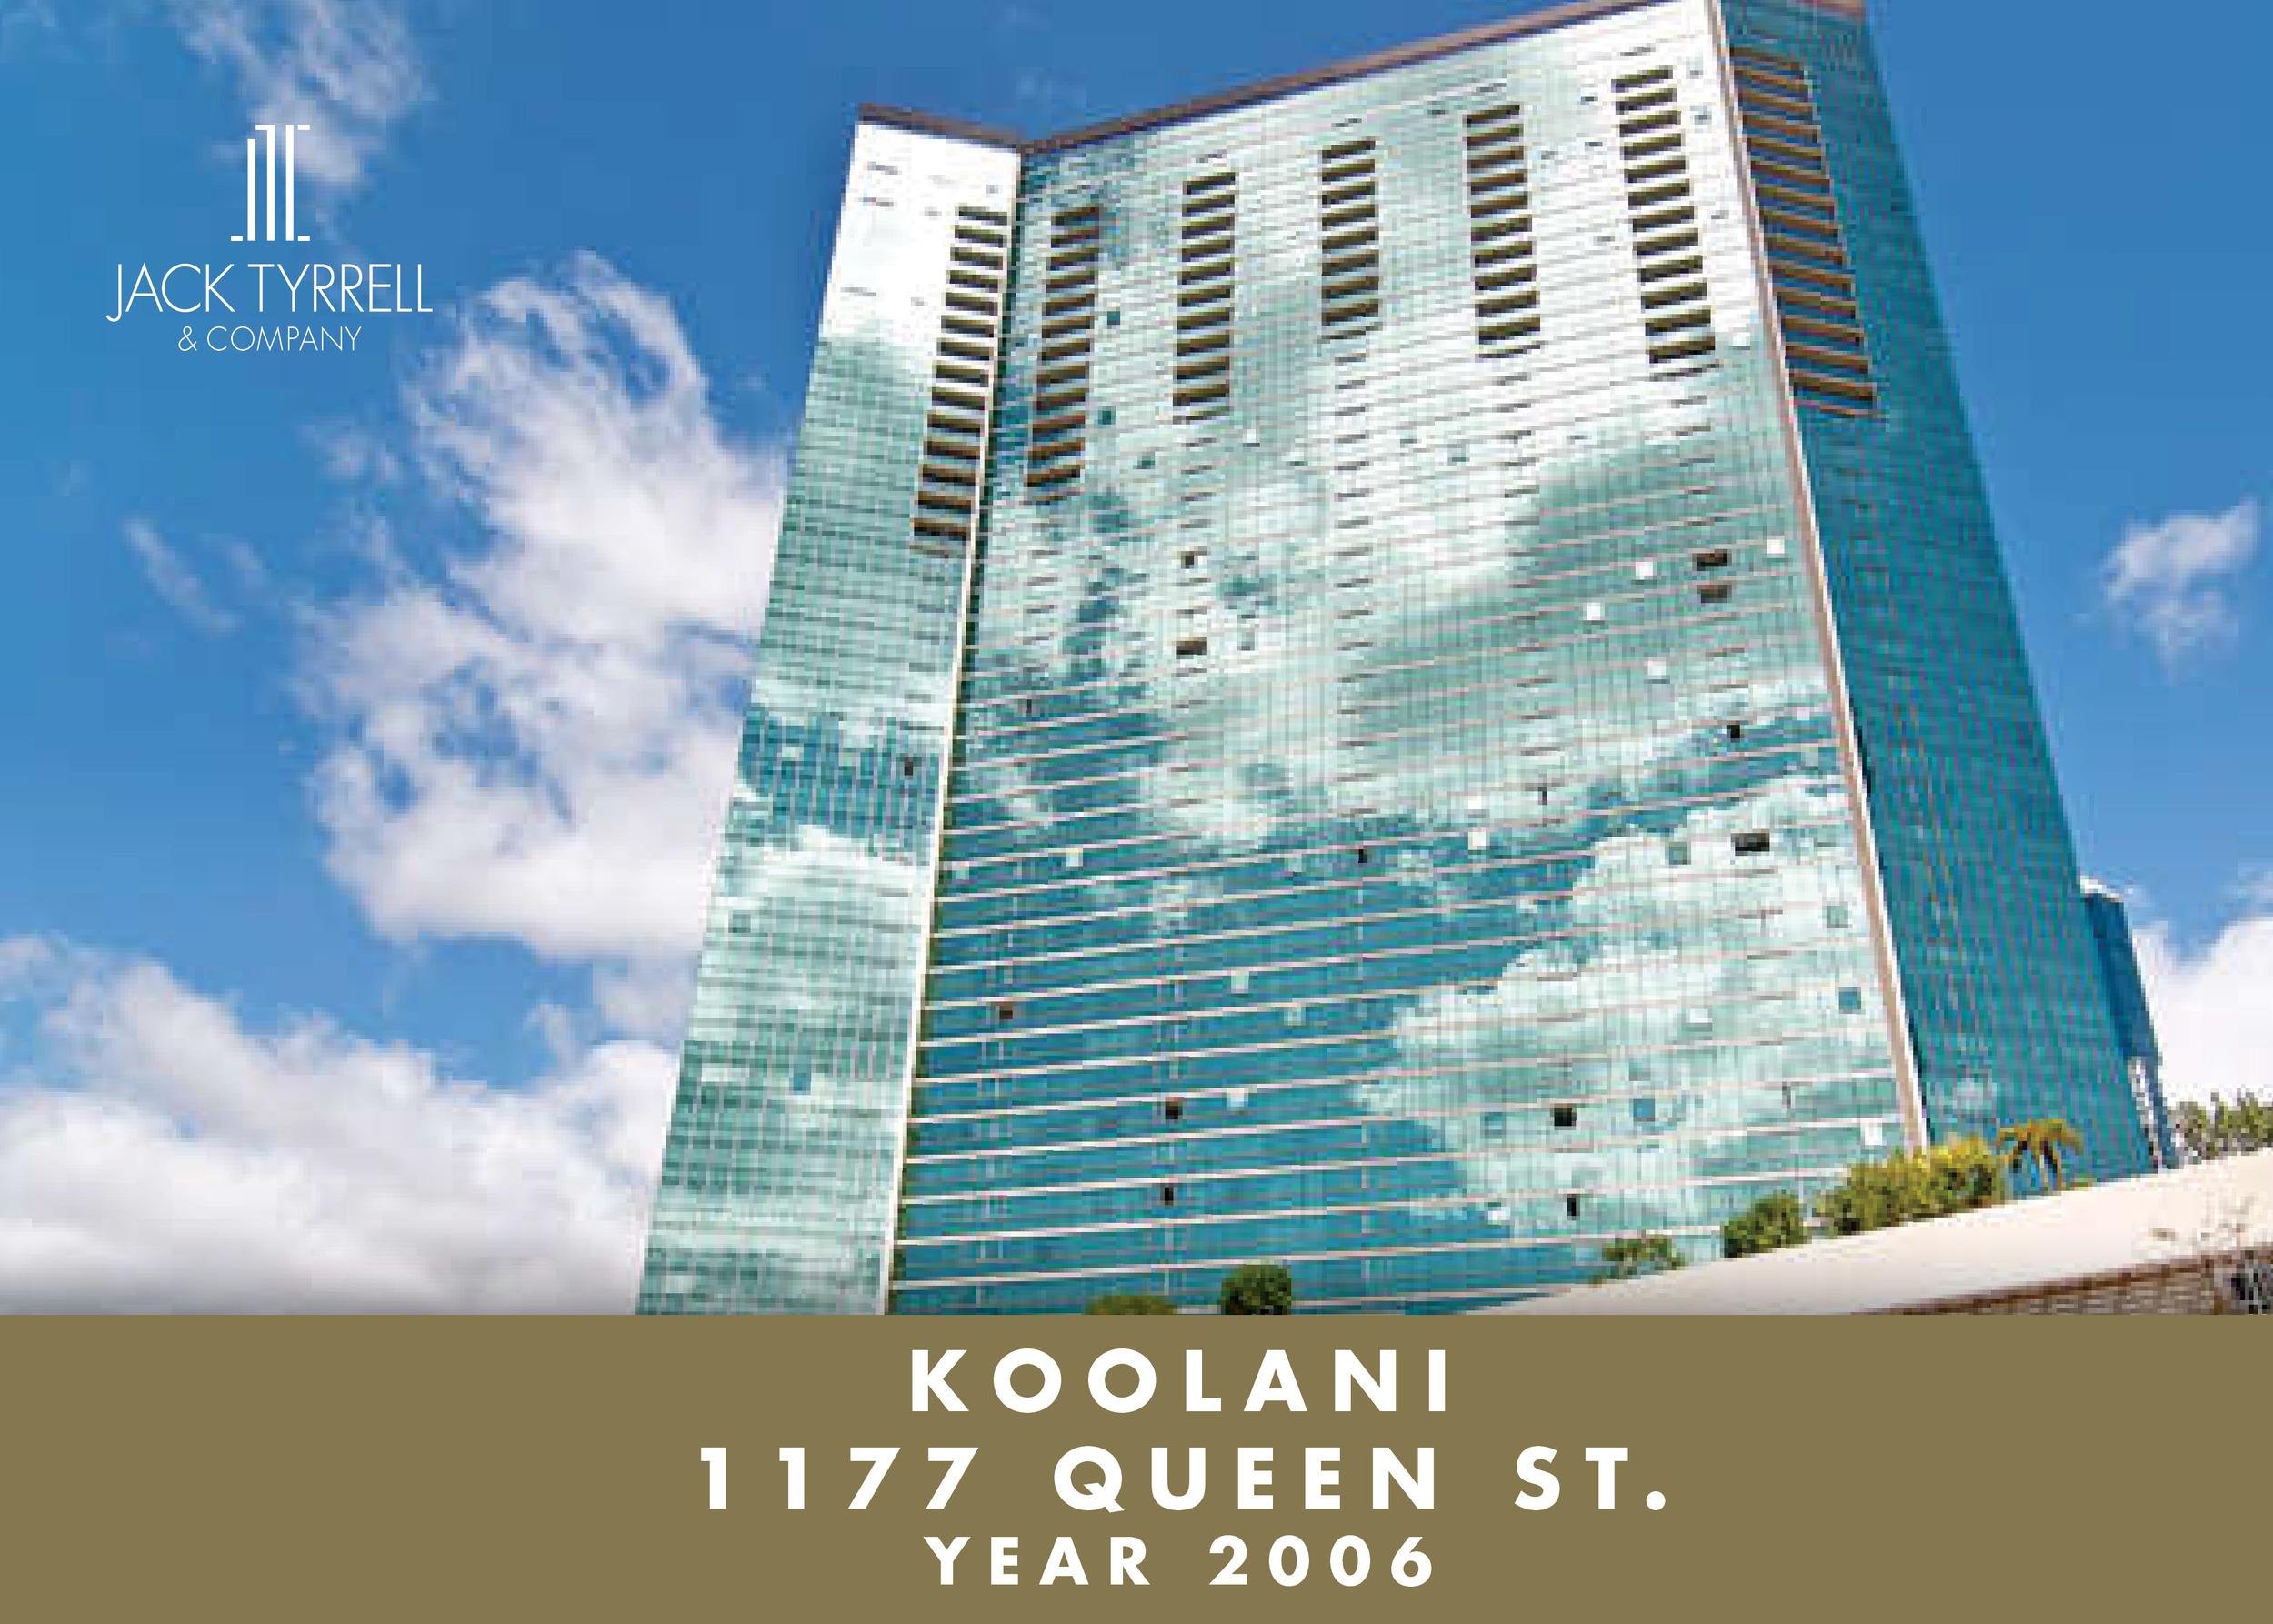 Koolani - 1177 Queen Street